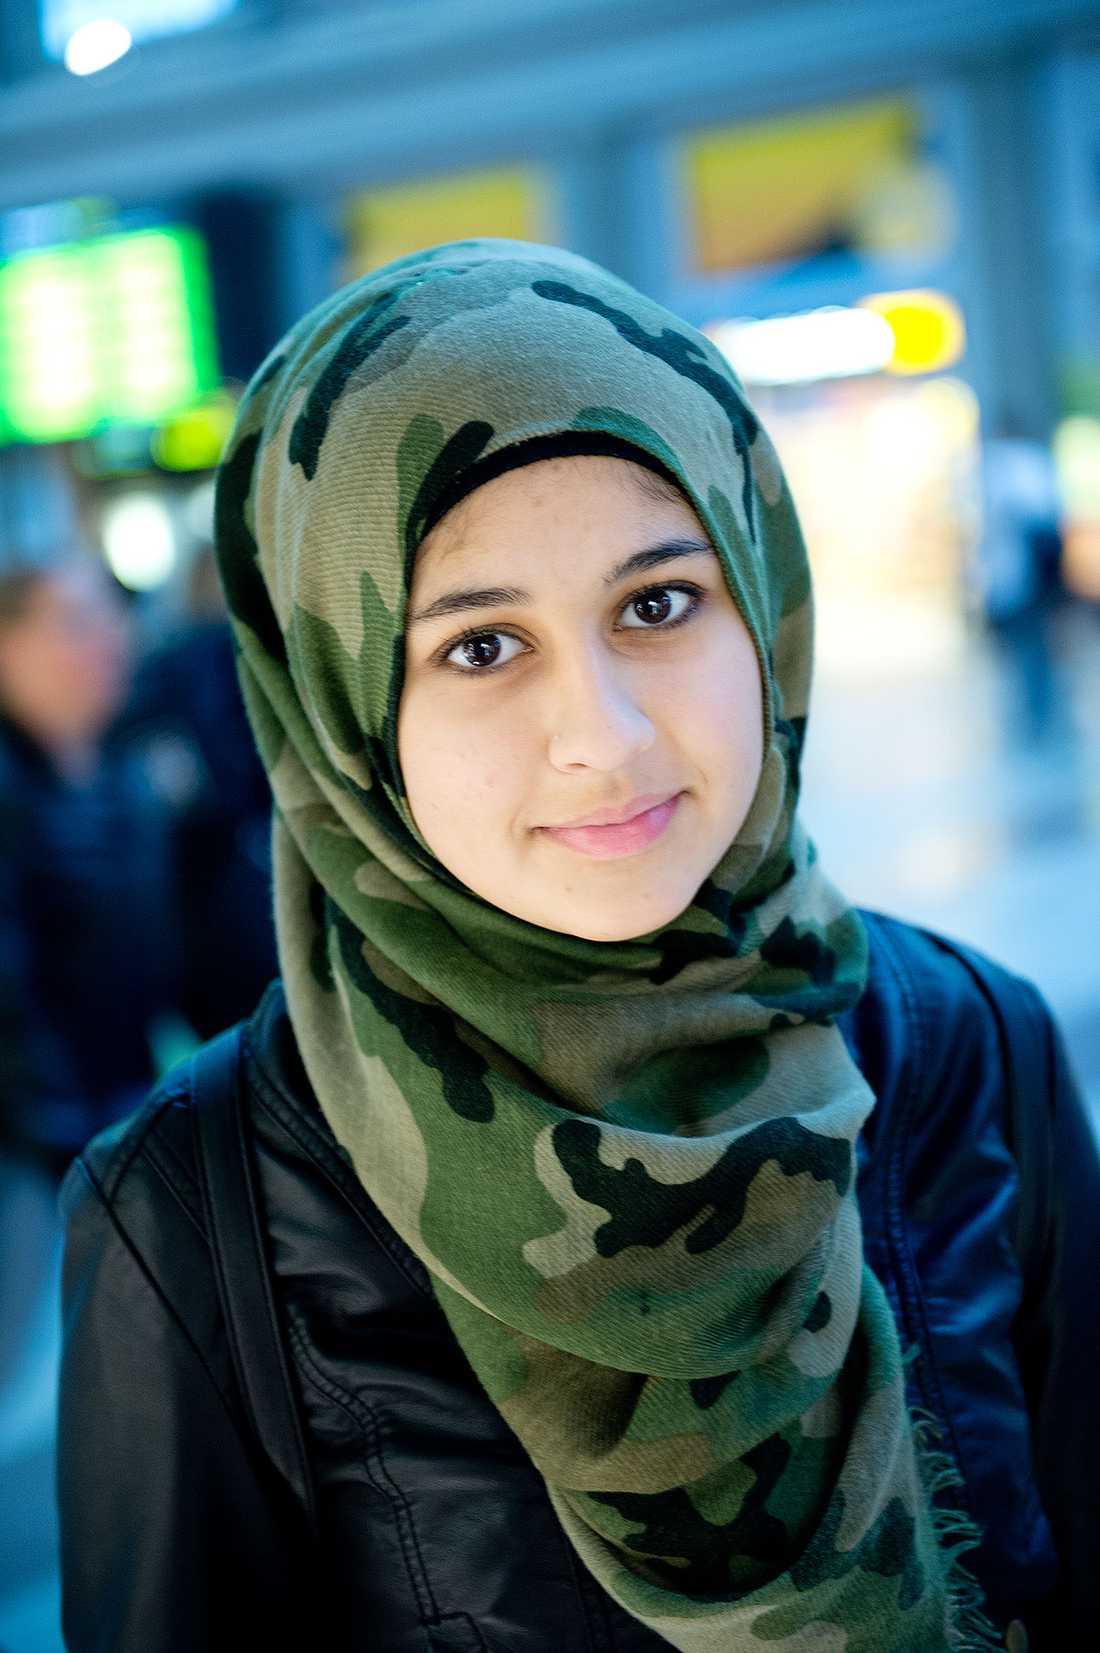 Är du för kvotering? Omeymah Kilani, 18, student, Stockholm:  – Absolut. Kvinnor har lika mycket hjärta och hjärna. Det behövs nya perspektiv och kvinnor tänker på ett annat sätt än vad män gör.